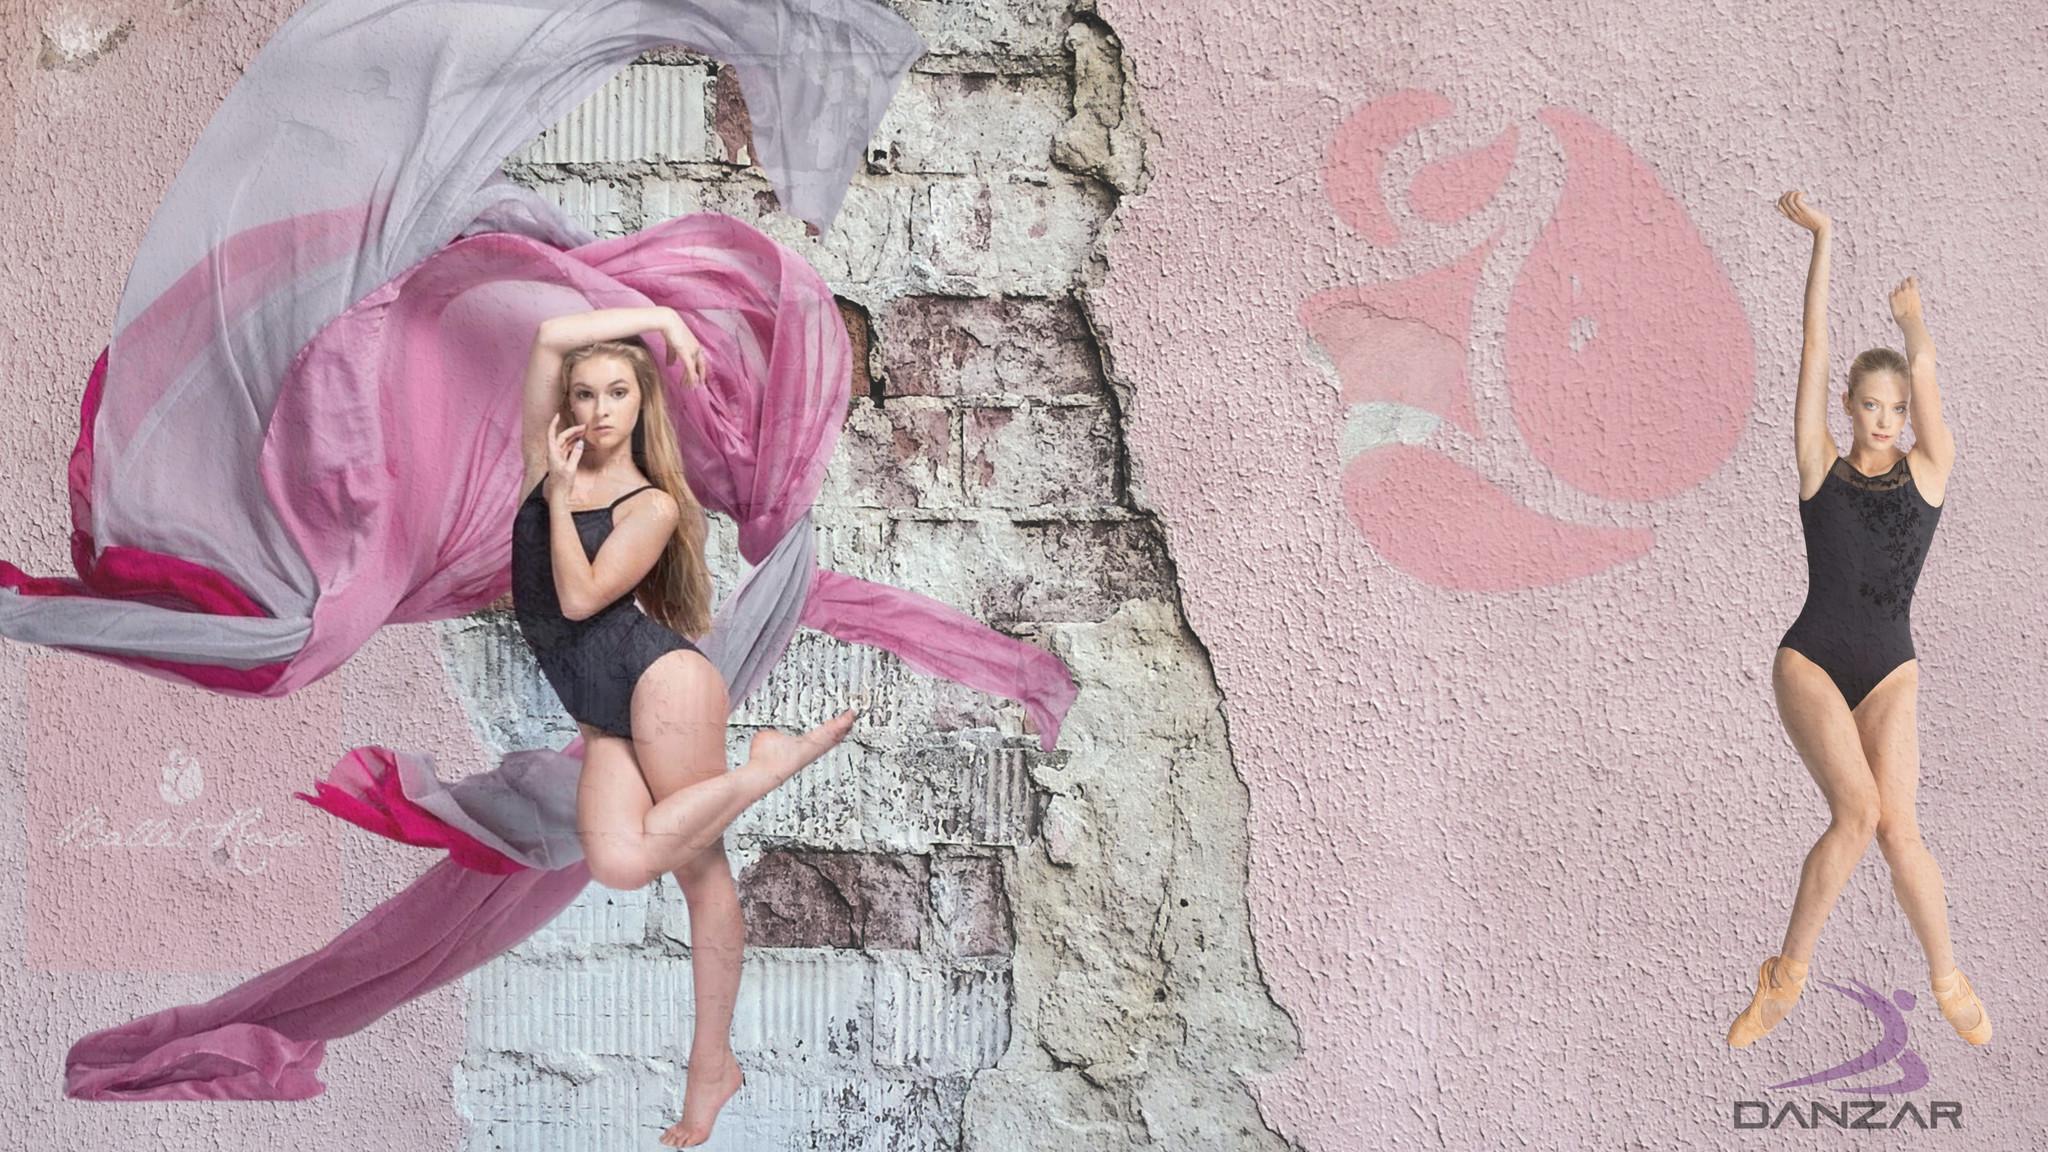 Ballet Rosa at Danzar.com